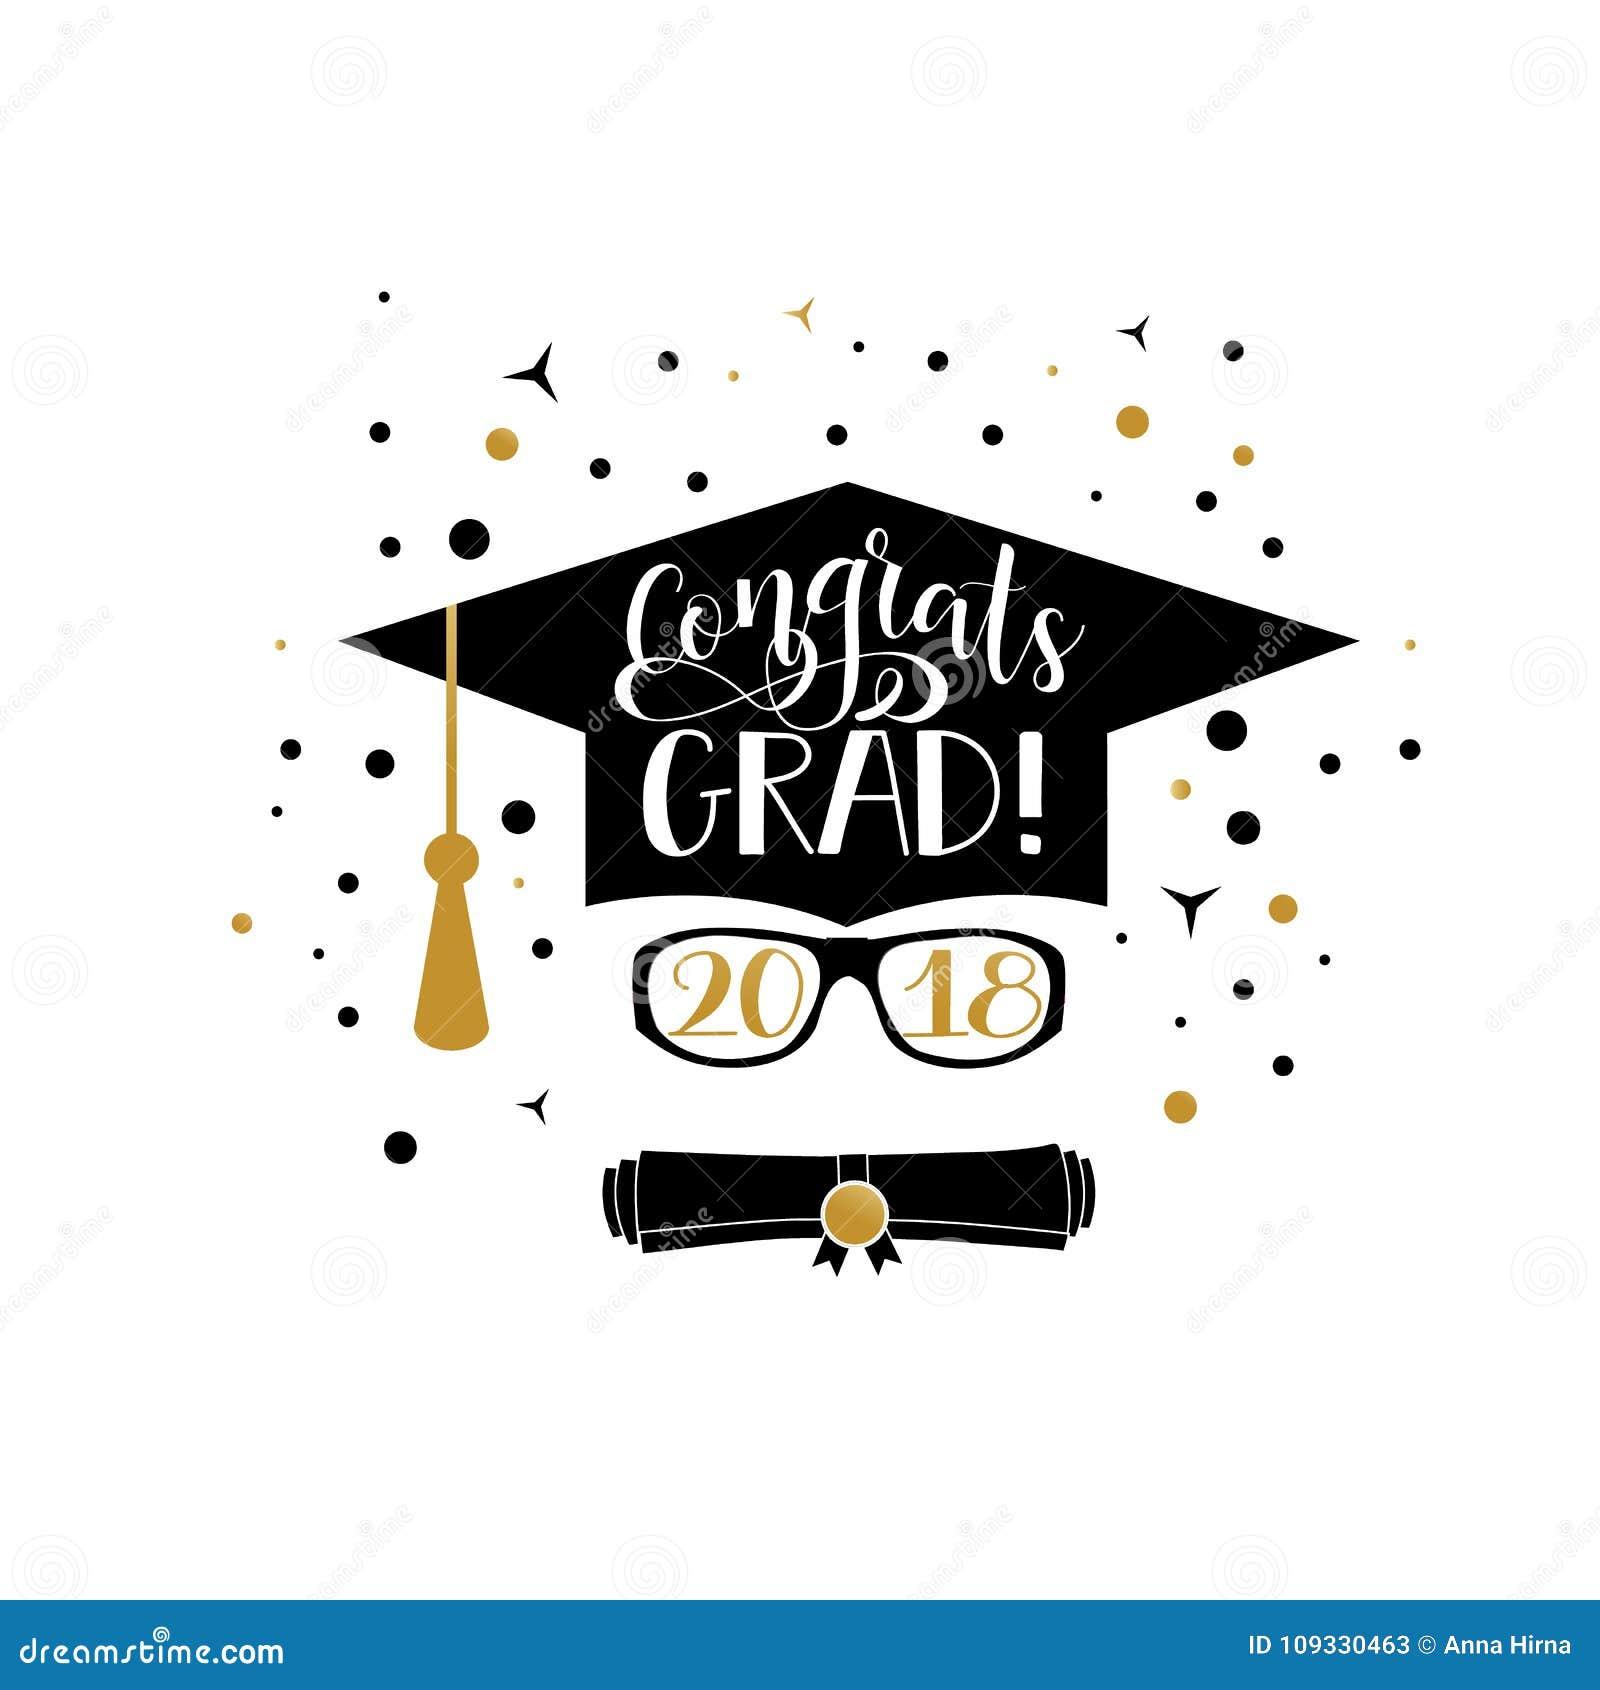 congrats grad 2018 lettering congratulations graduate banner